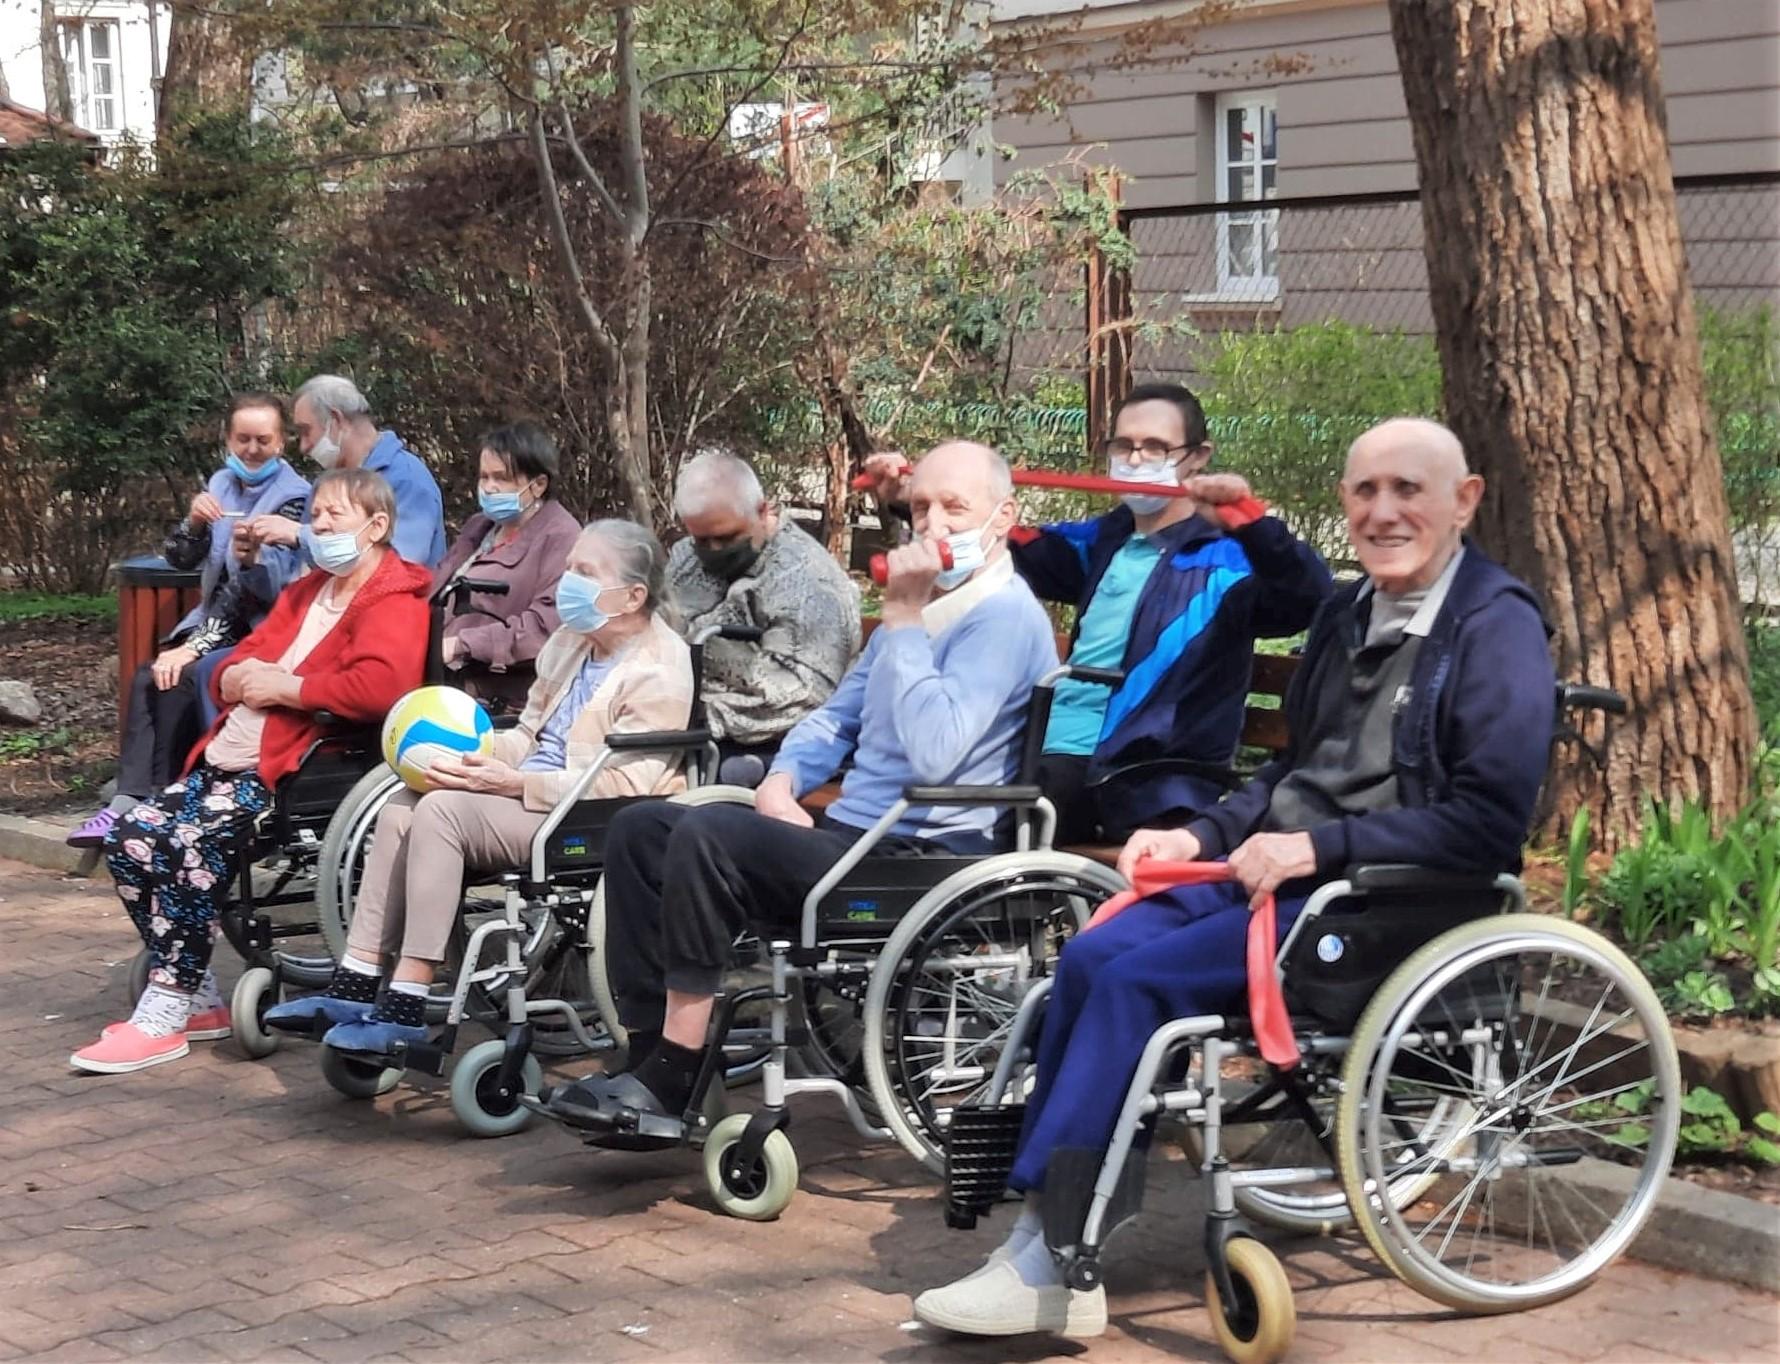 Grupa Mieszkańców pozująca na patio